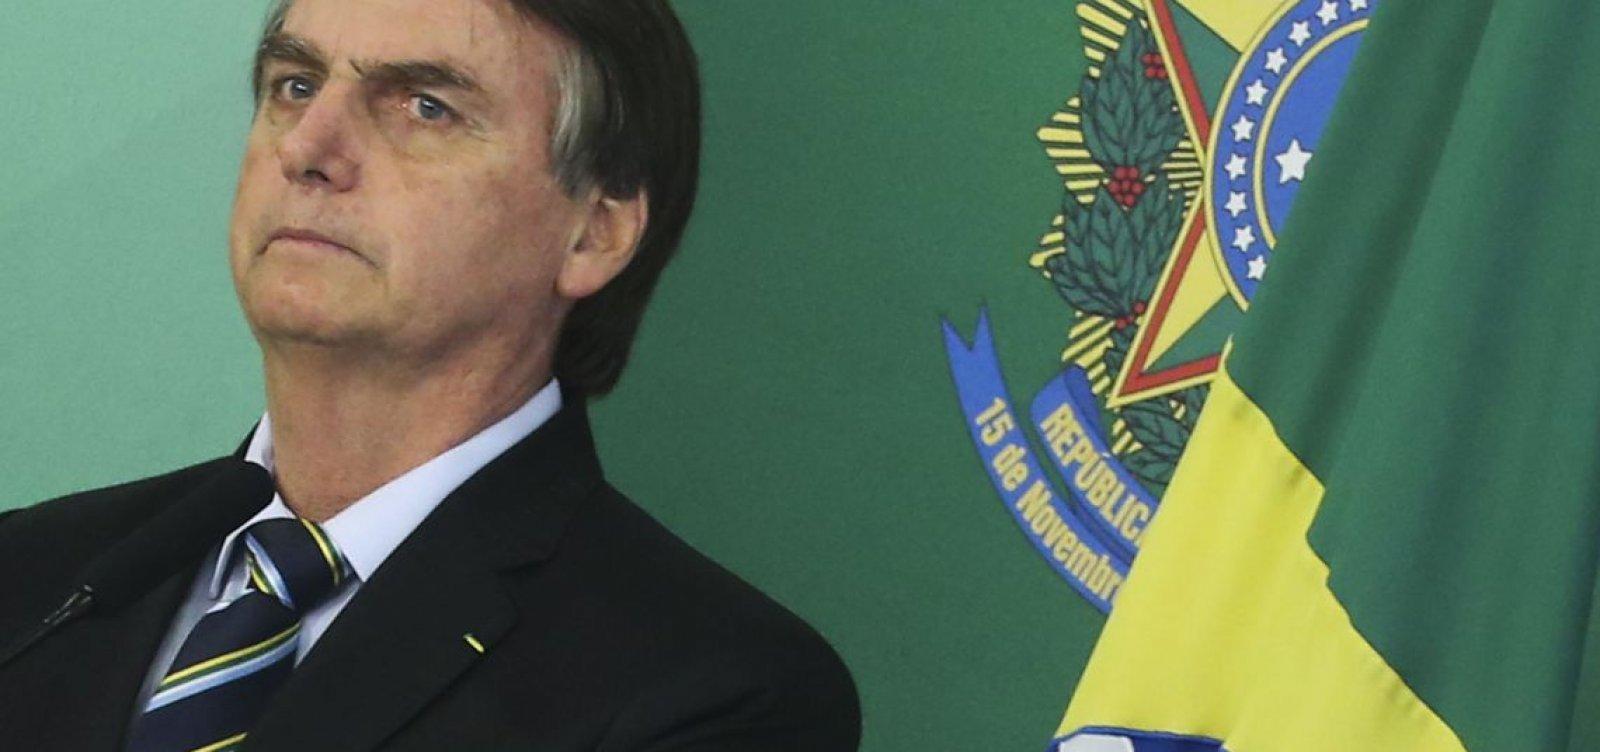 ['Coisa que mais atrapalha o Brasil', diz Bolsonaro sobre sindicatos]